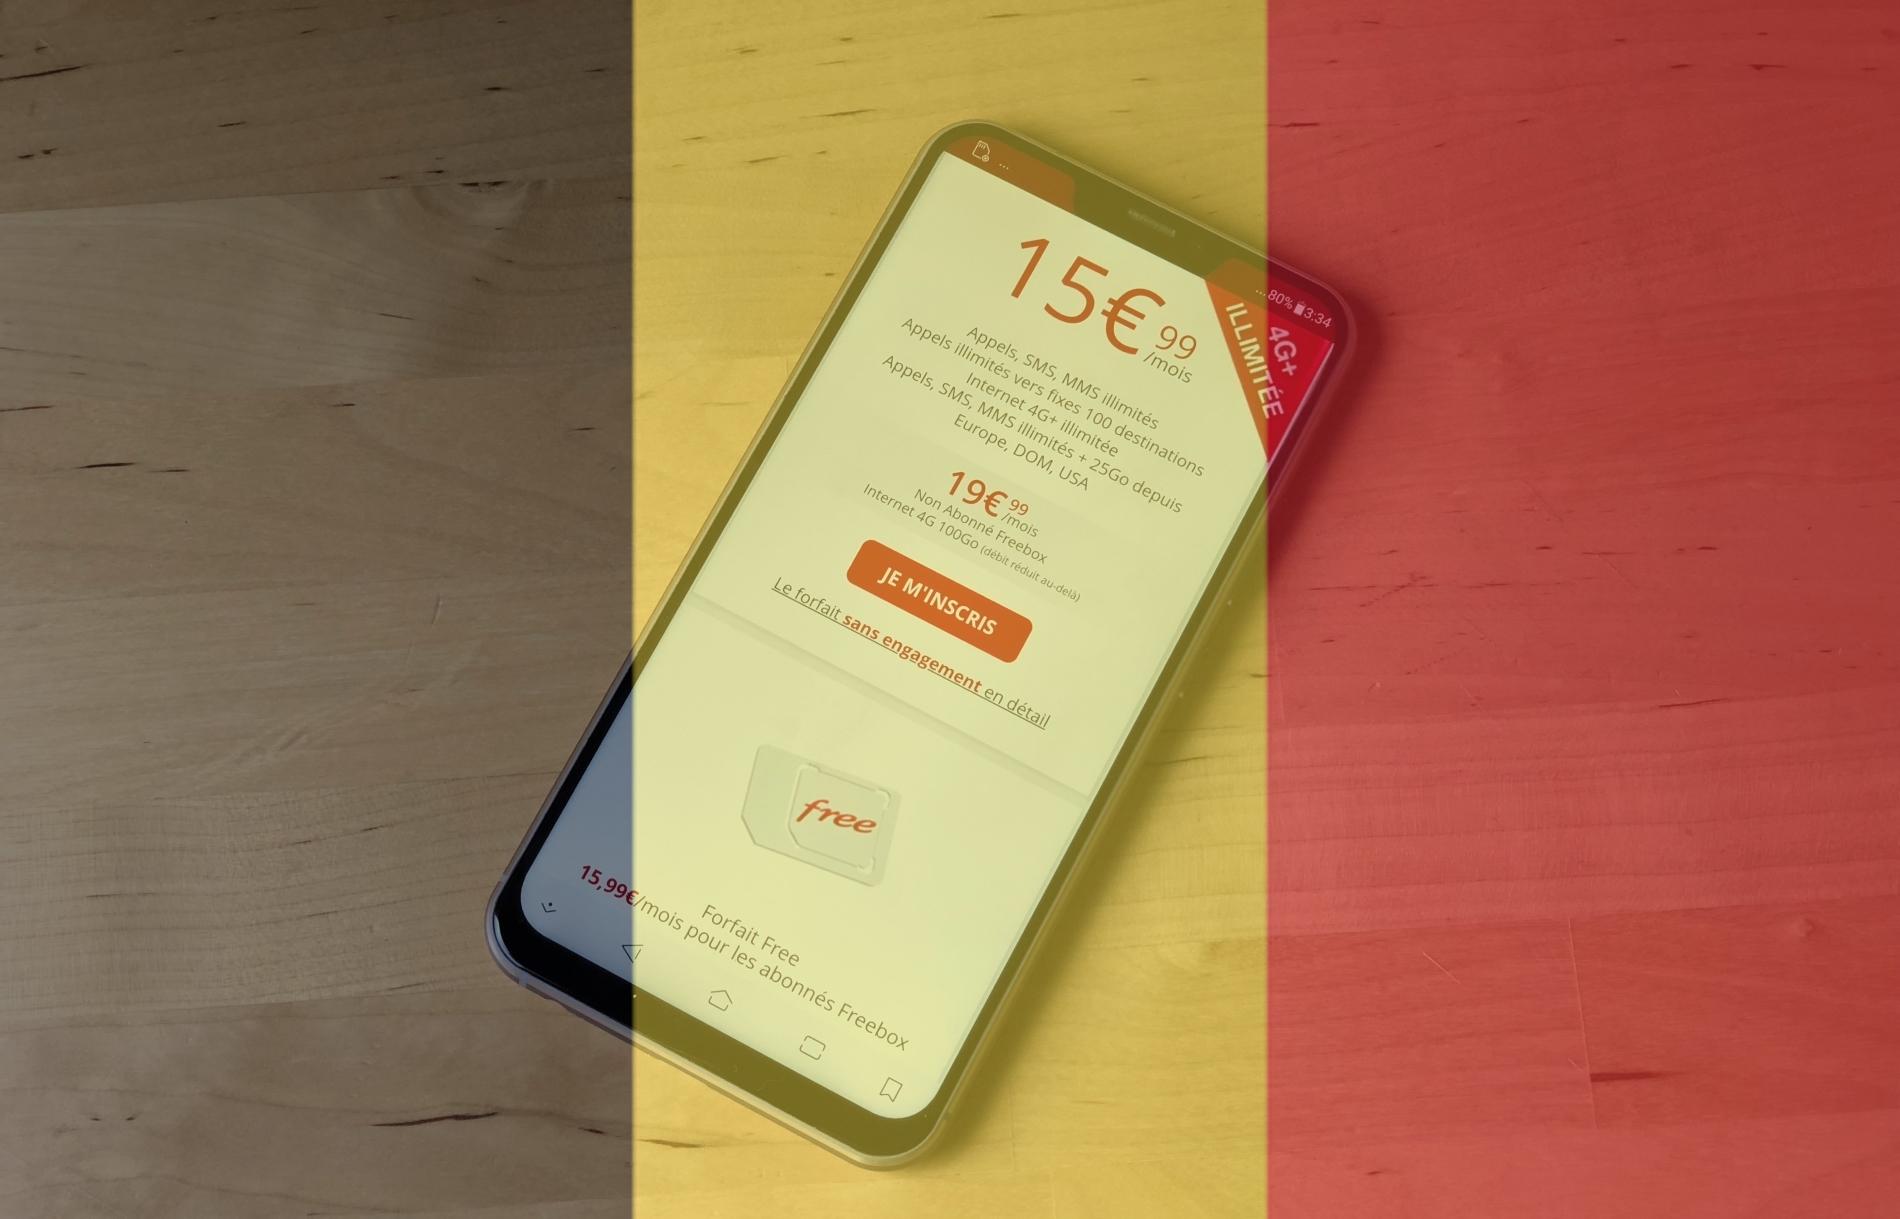 Iliad Mobile (Free) n'exclut pas un lancement en Belgique et en Allemagne